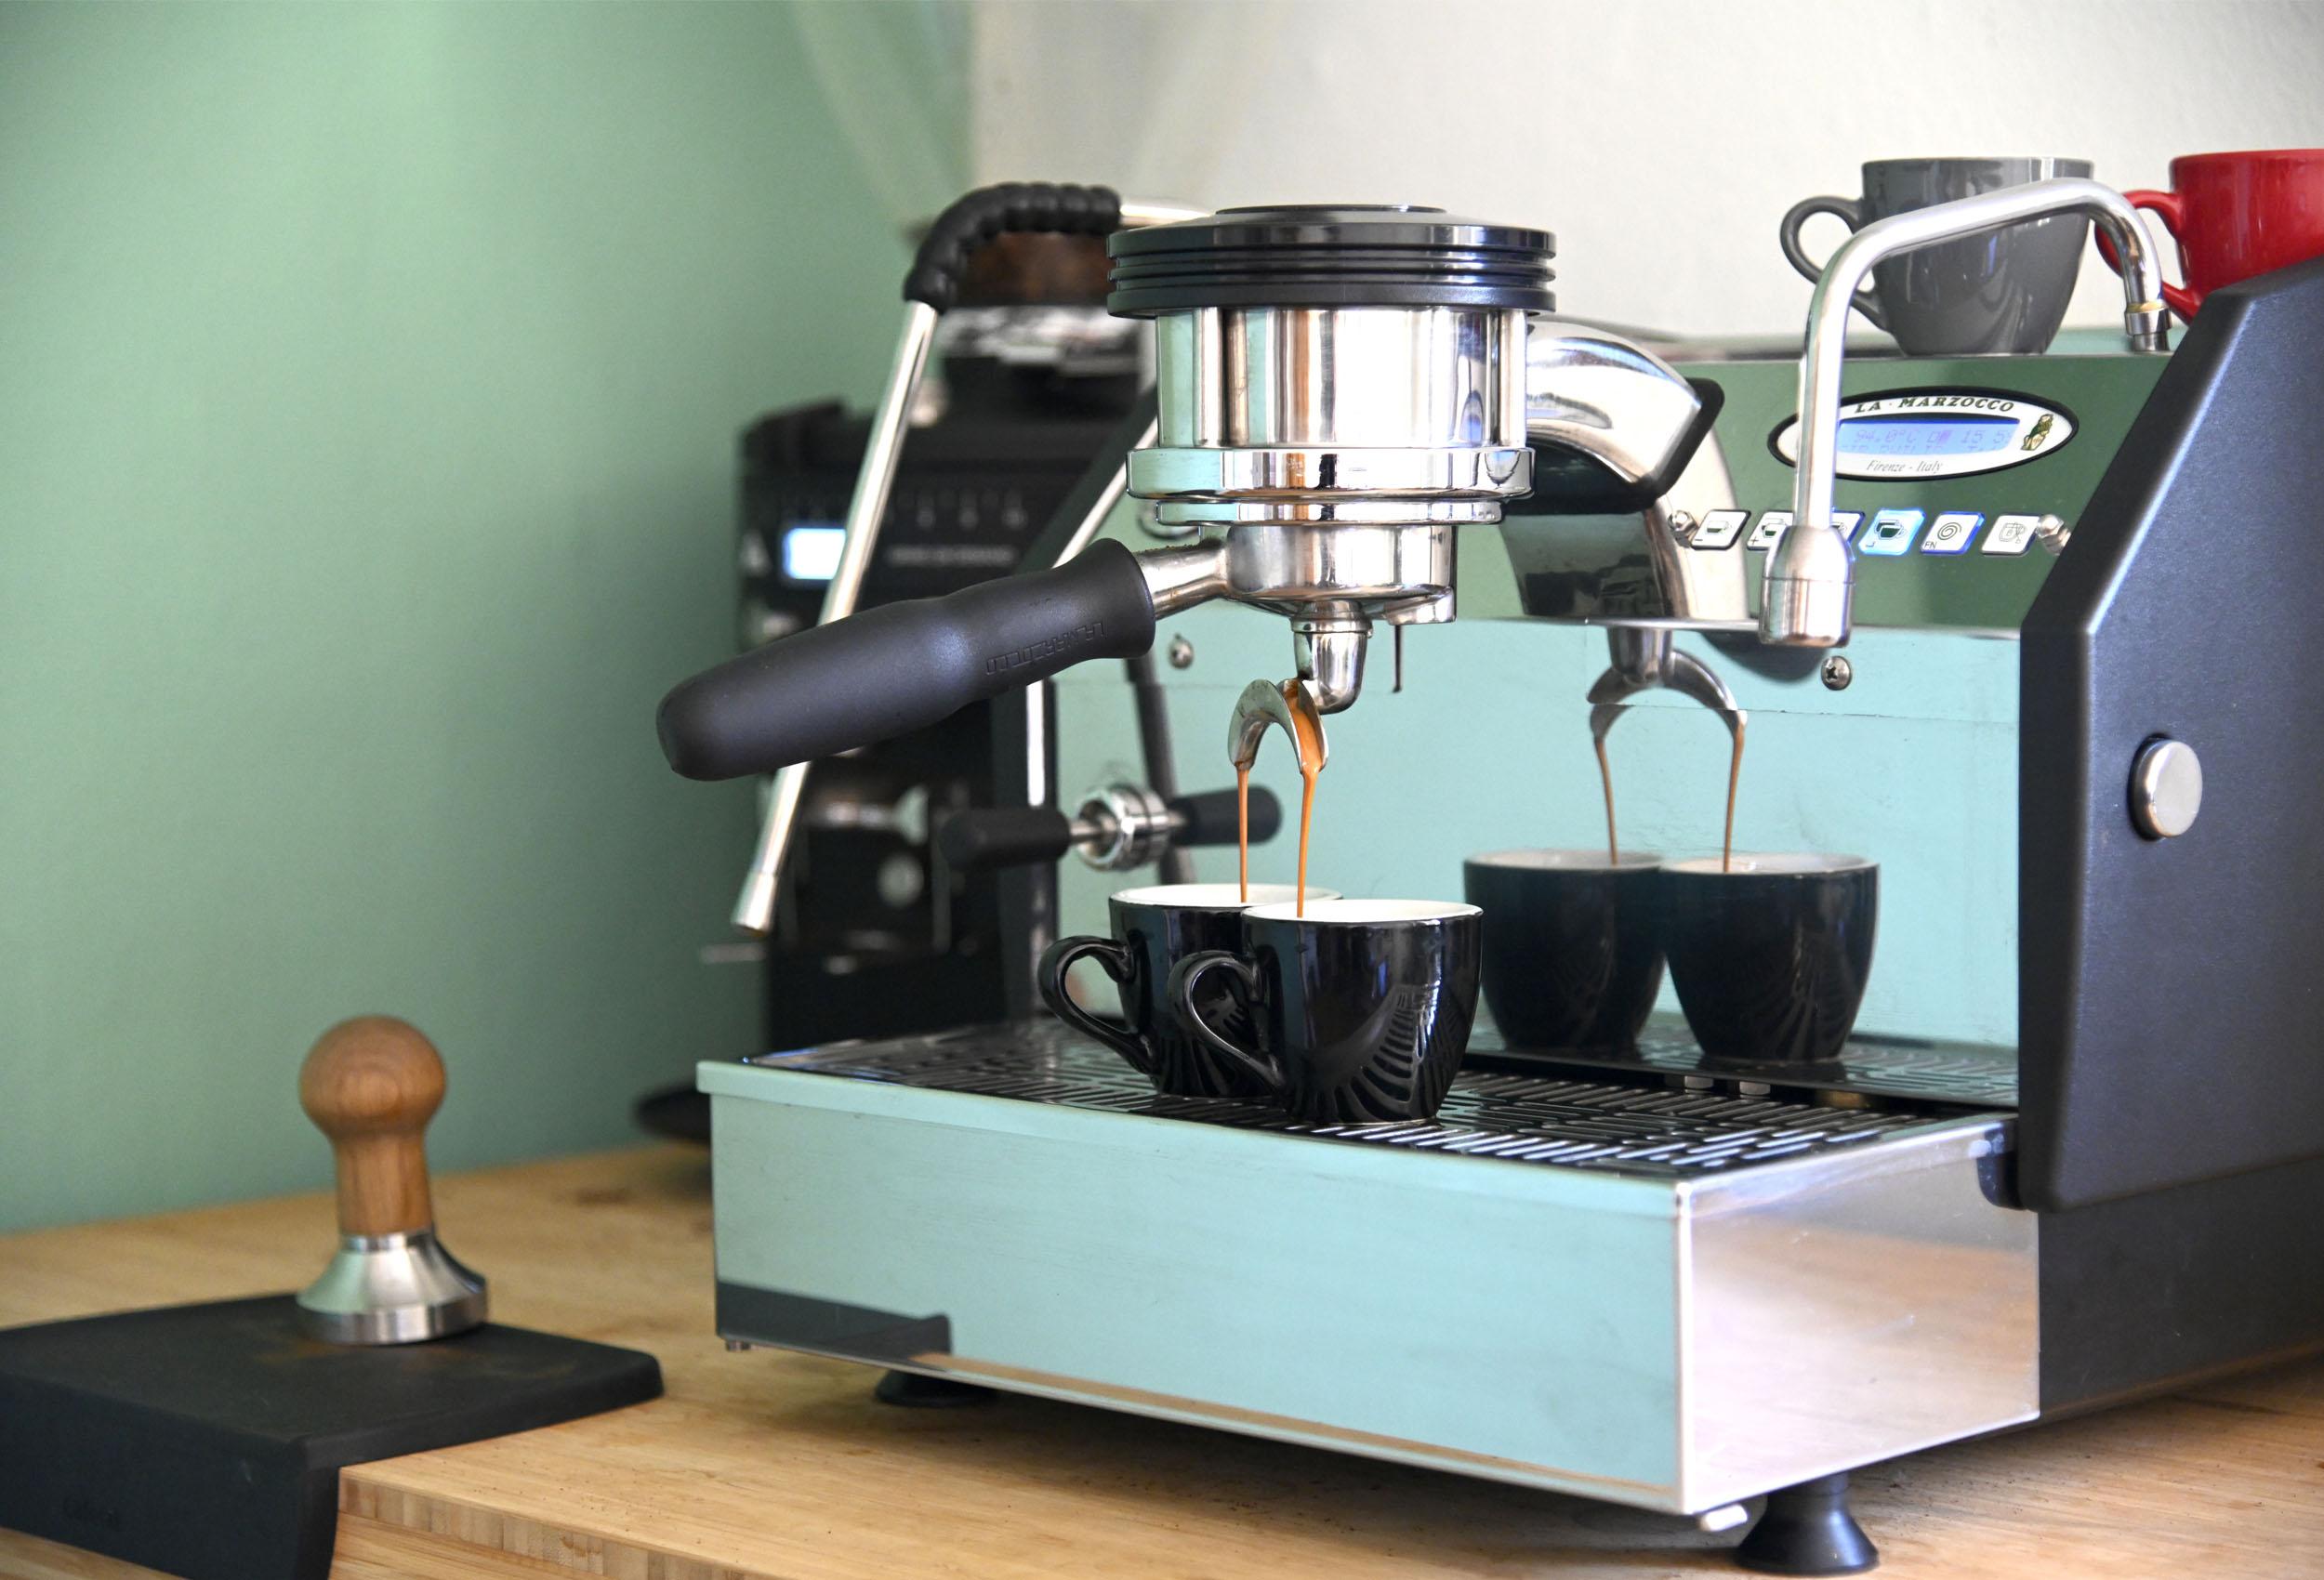 la marzocco gs3 coffee machine extracting espresso